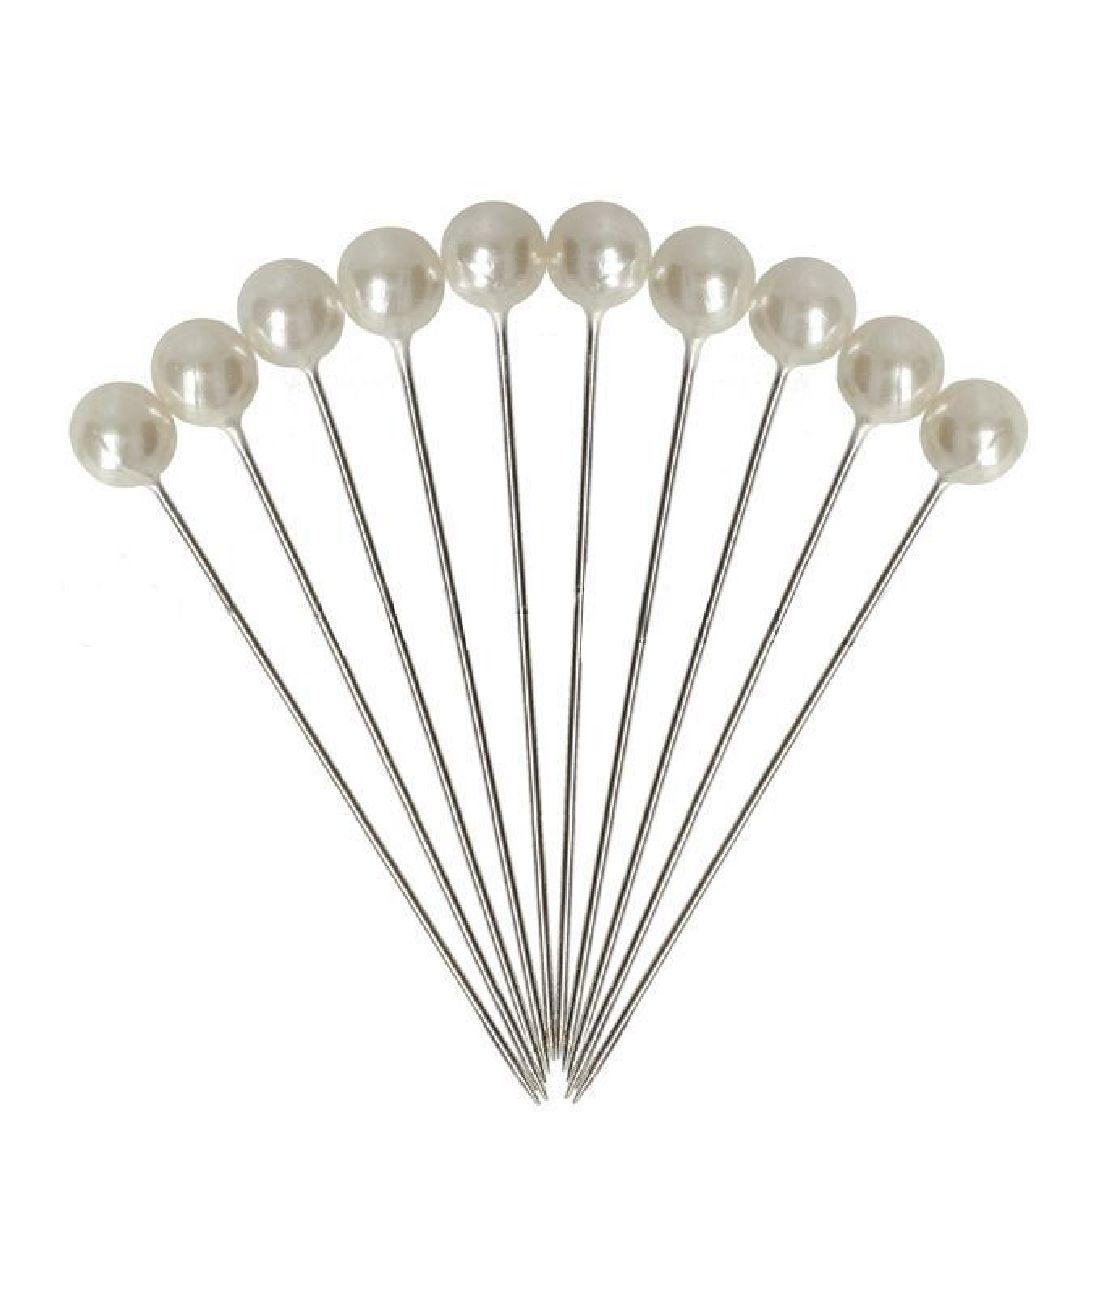 Perlennadeln WEISS 61404 D=8mm L=6cm